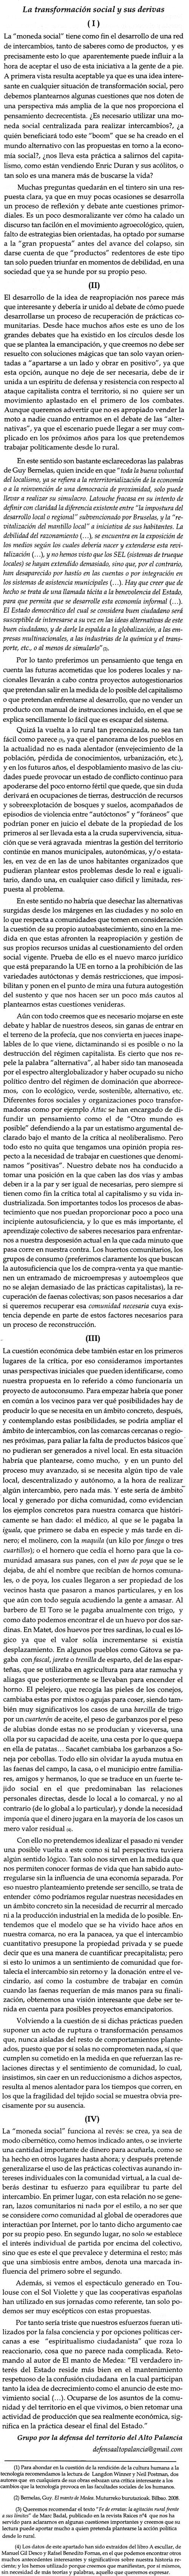 Crítica a las ecoredes 3ª parte.